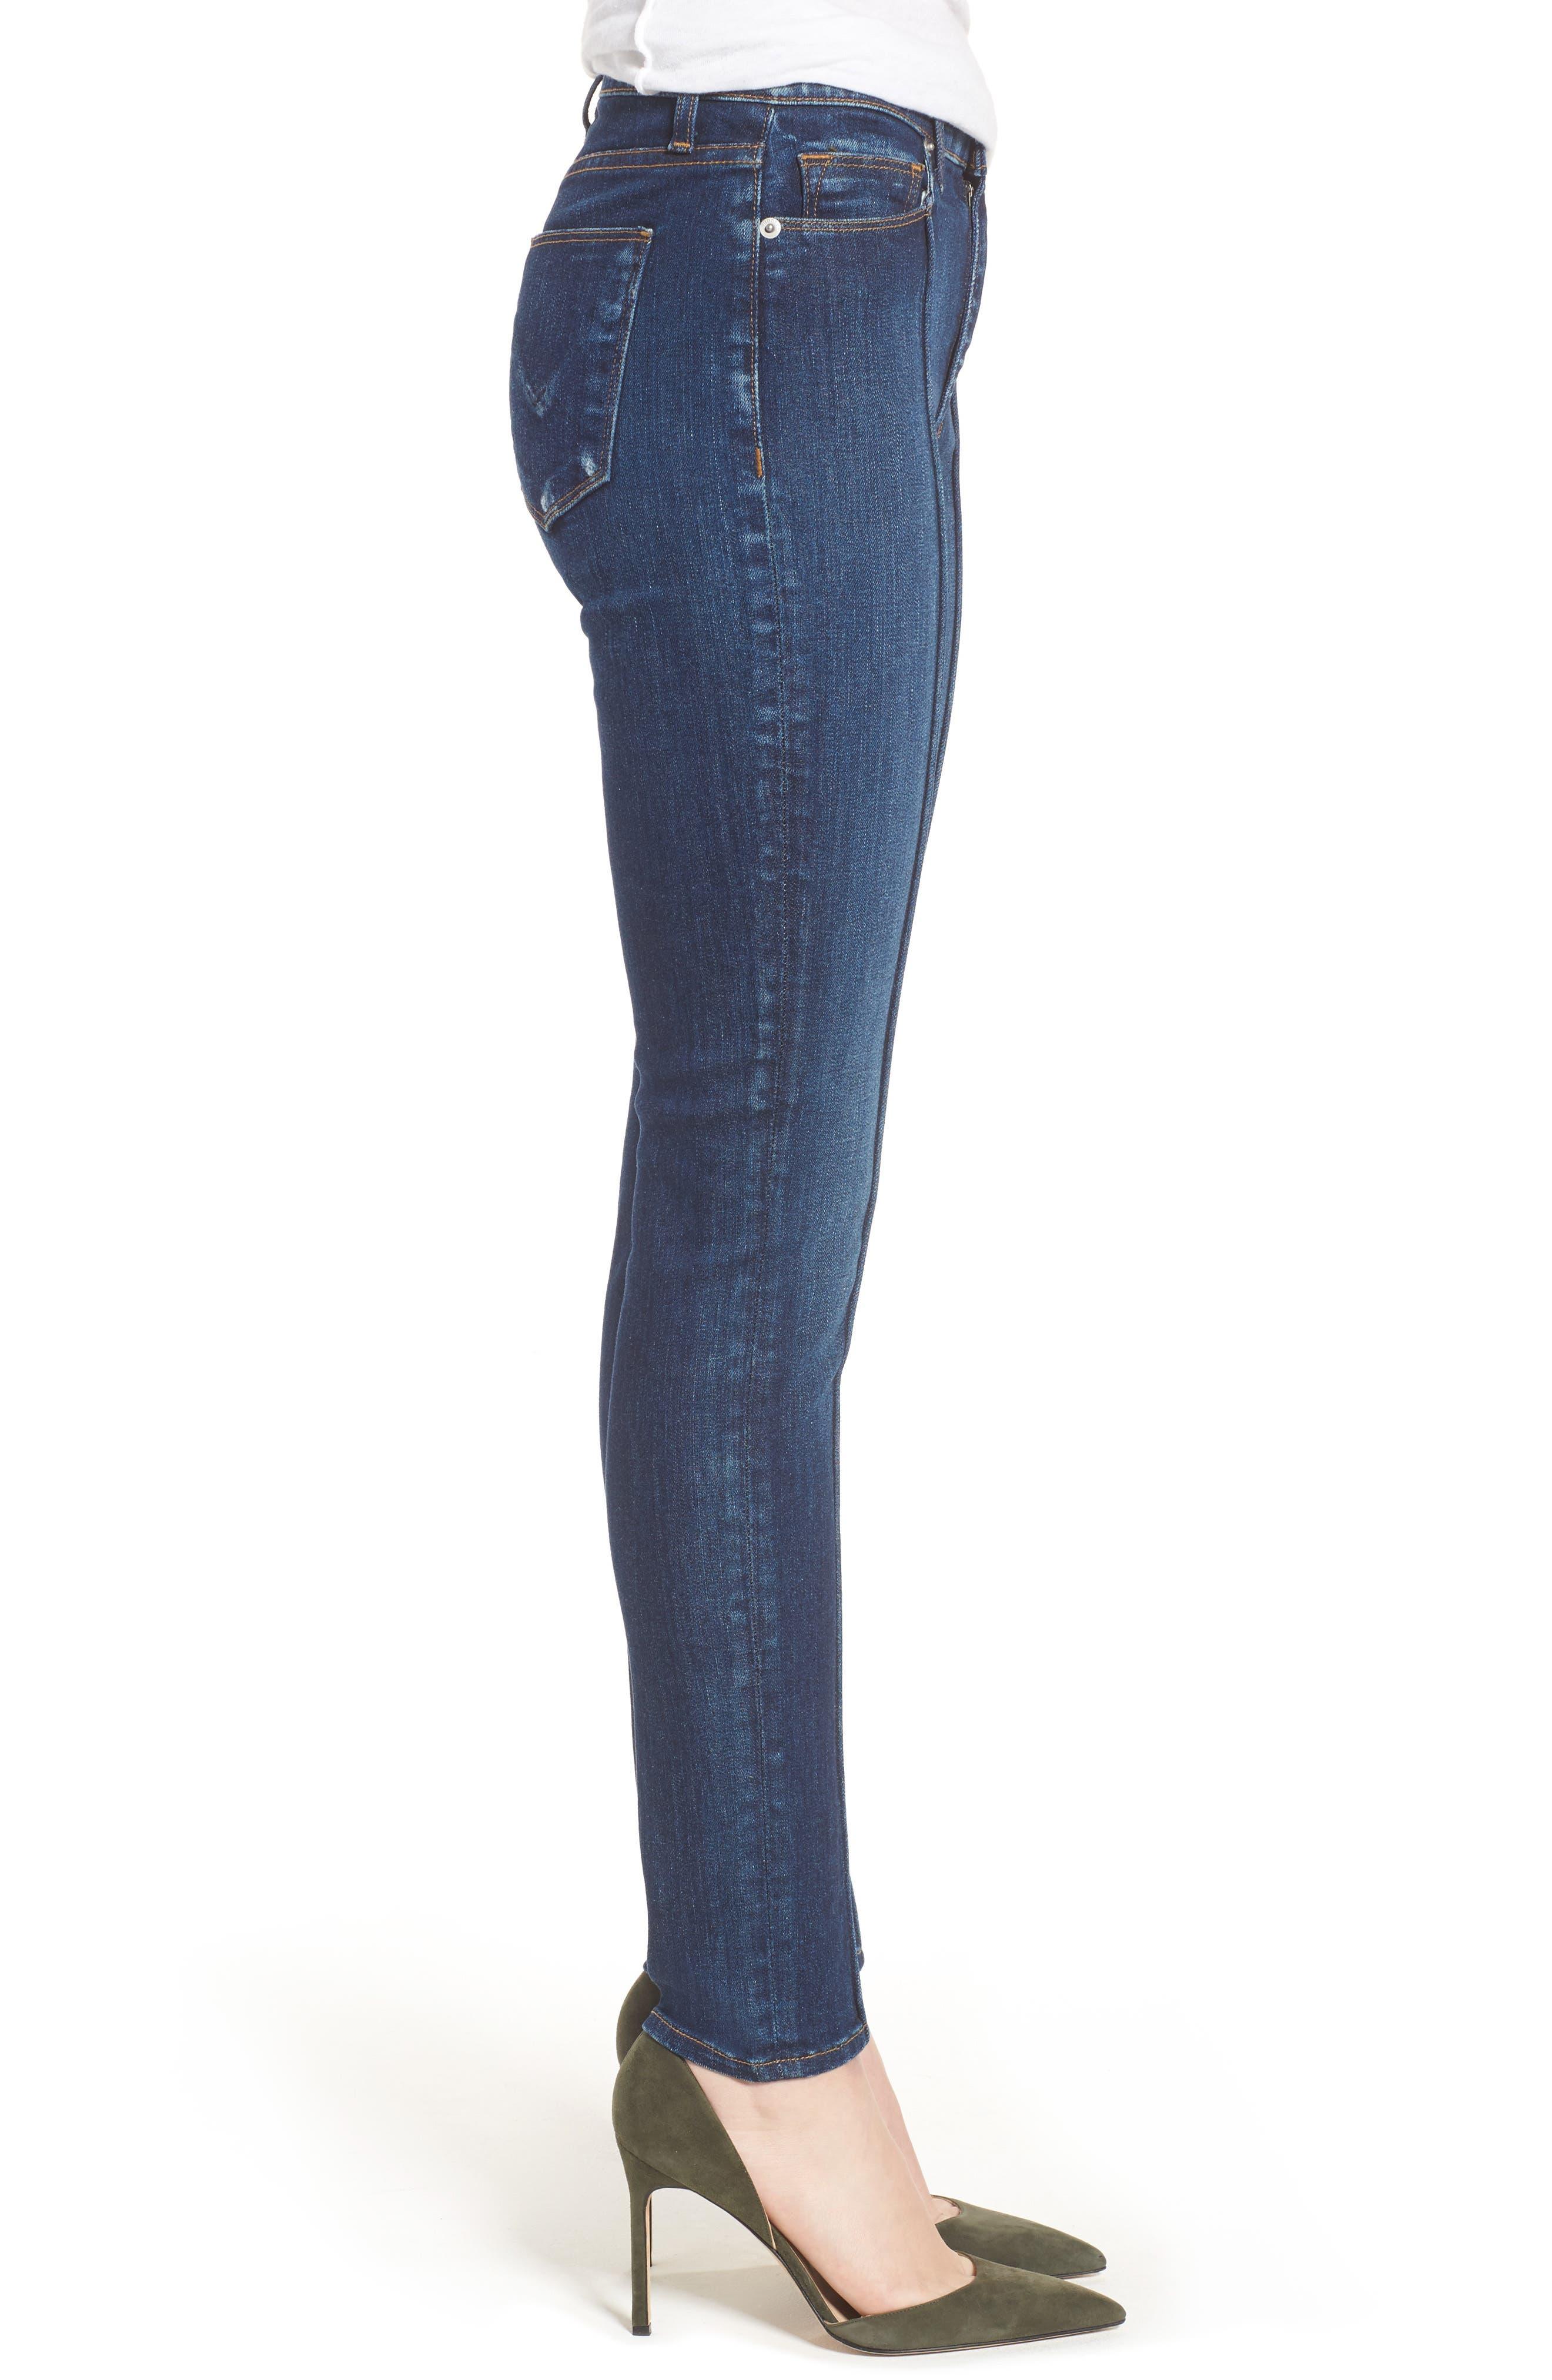 Barbara Pintuck Super Skinny Jeans,                             Alternate thumbnail 3, color,                             401